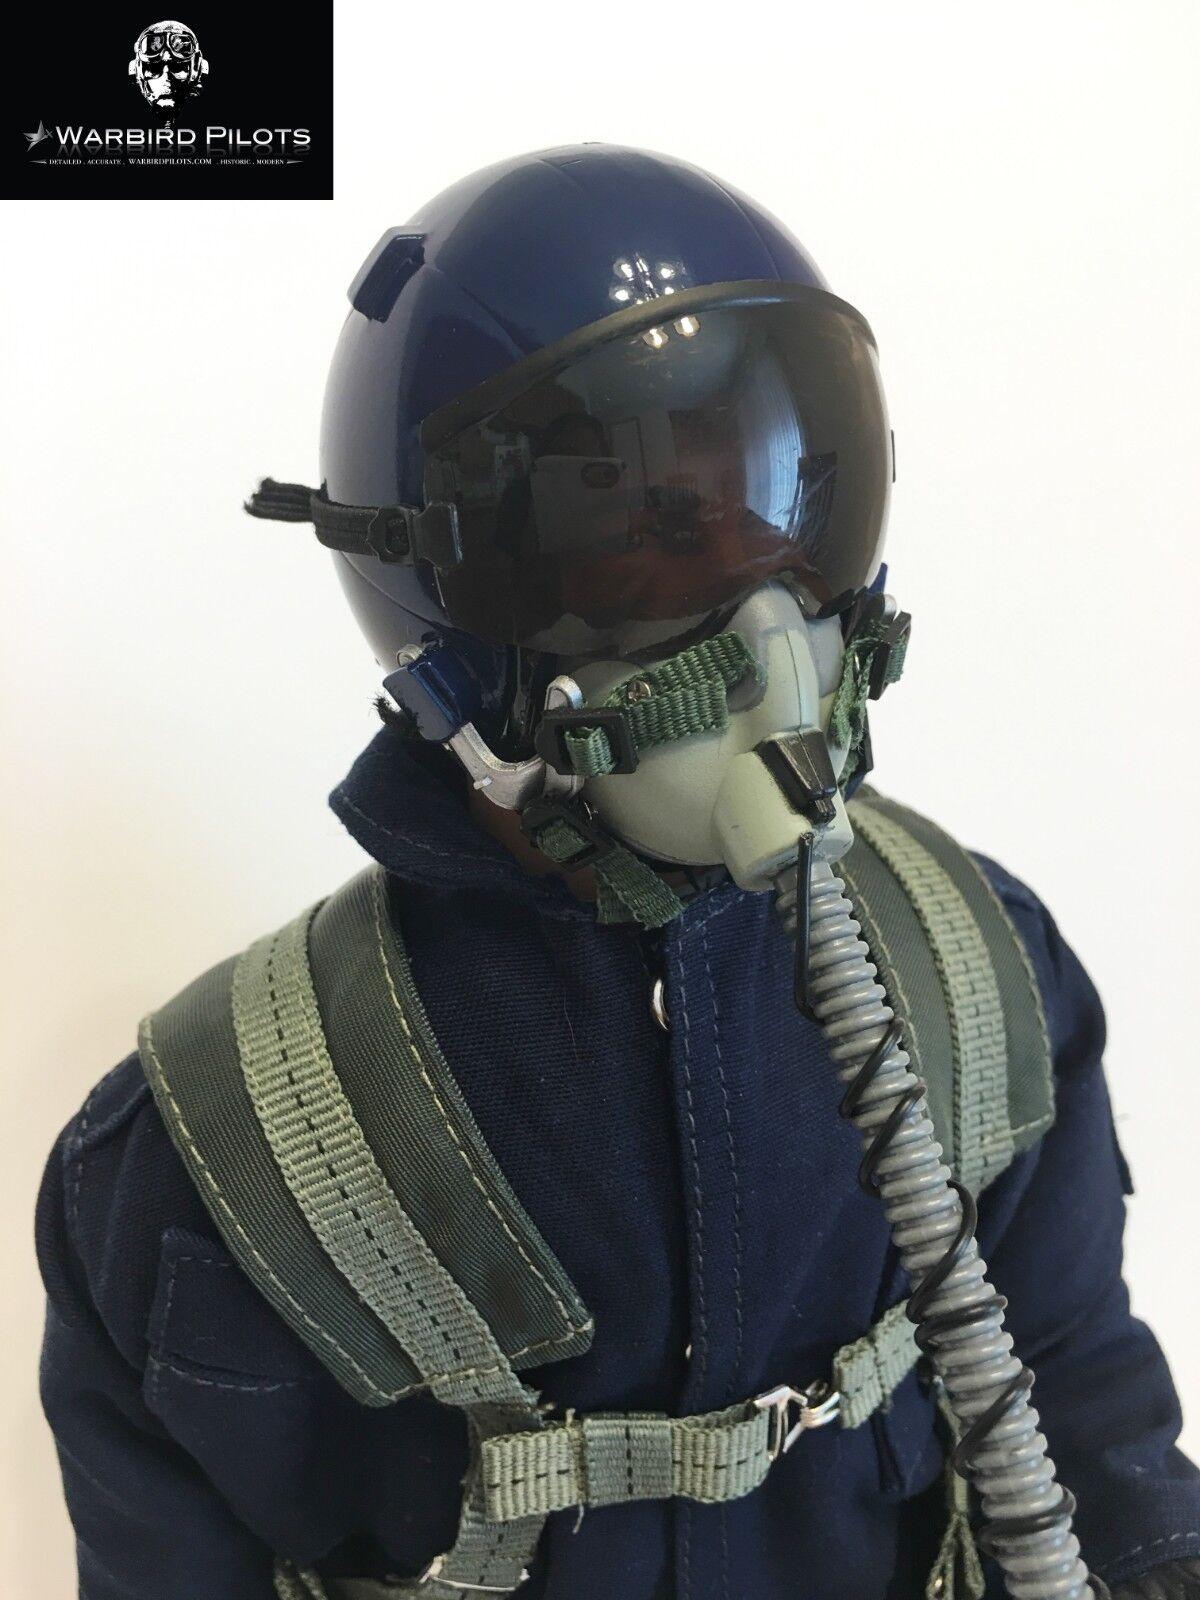 1 4.5  1 4 escala 15  de Alto Moderno Jet piloto figura (azul)